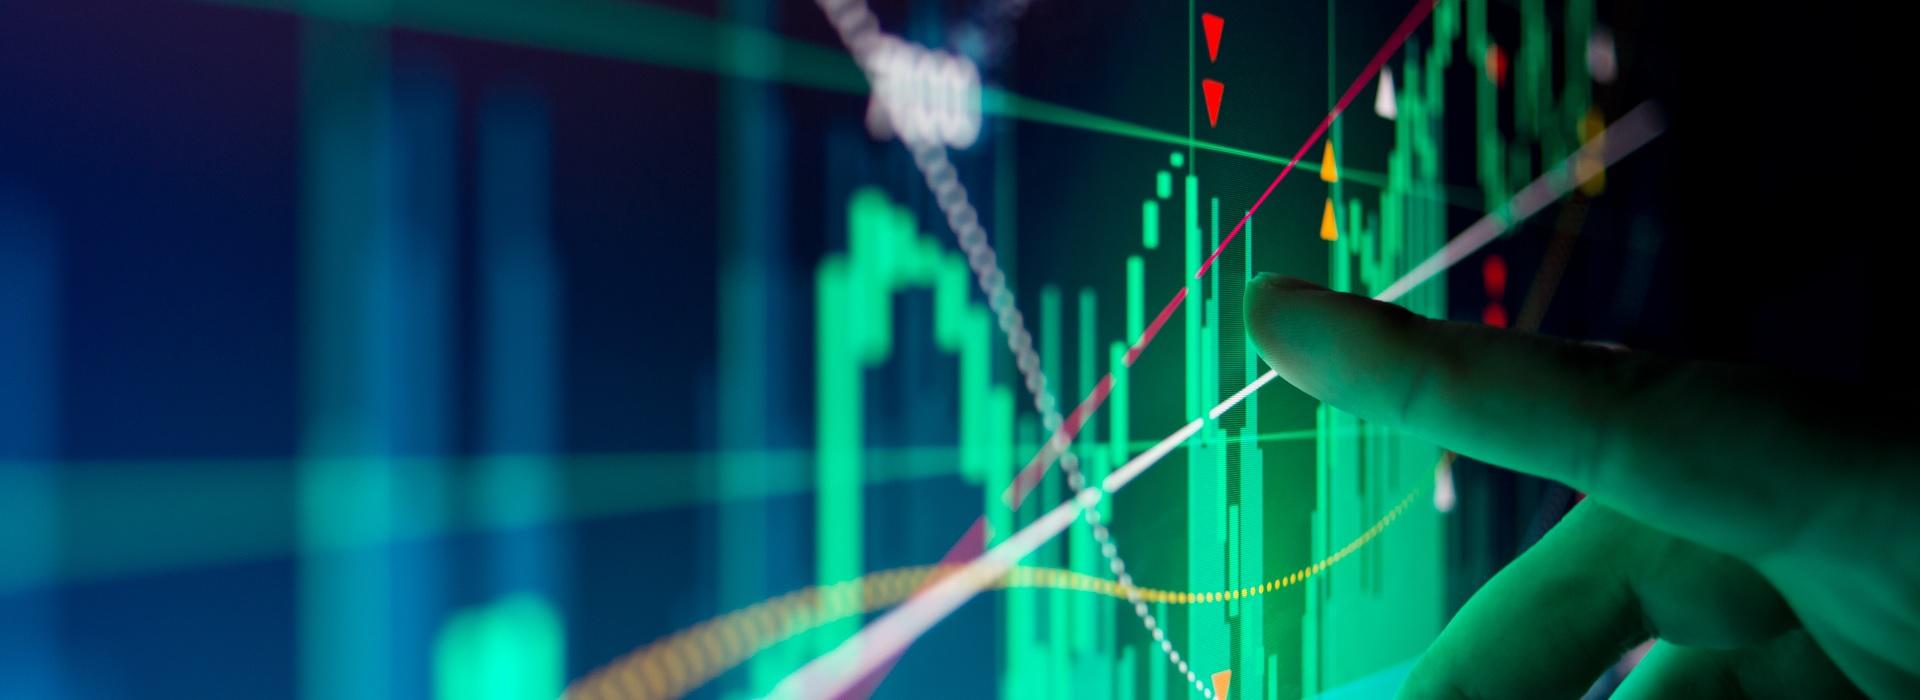 陸股落底了?法人點出三大觀察點 基金、ETF投資人布局看這裡